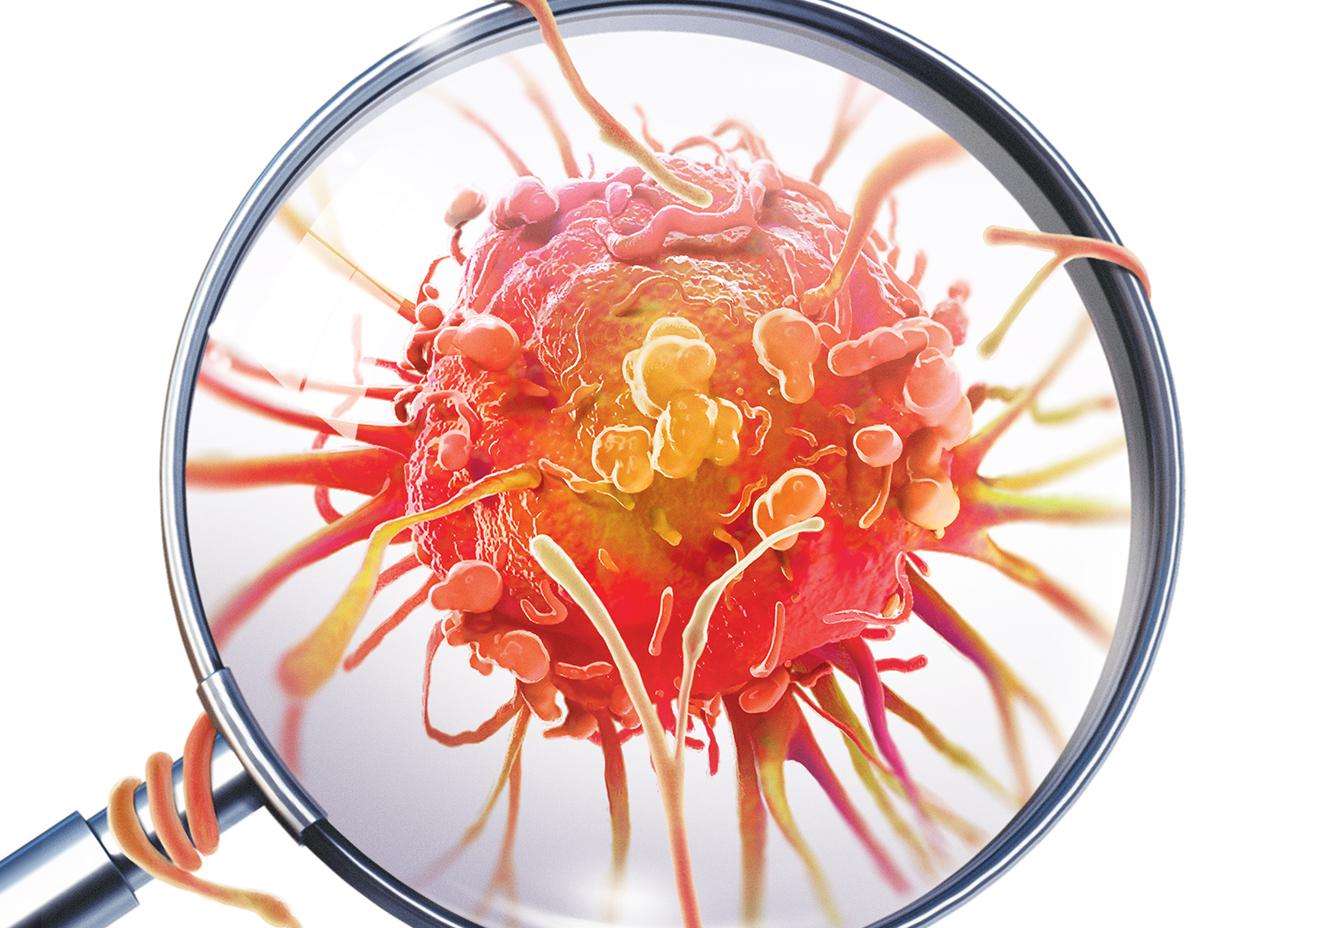 cancer ulcera de colon